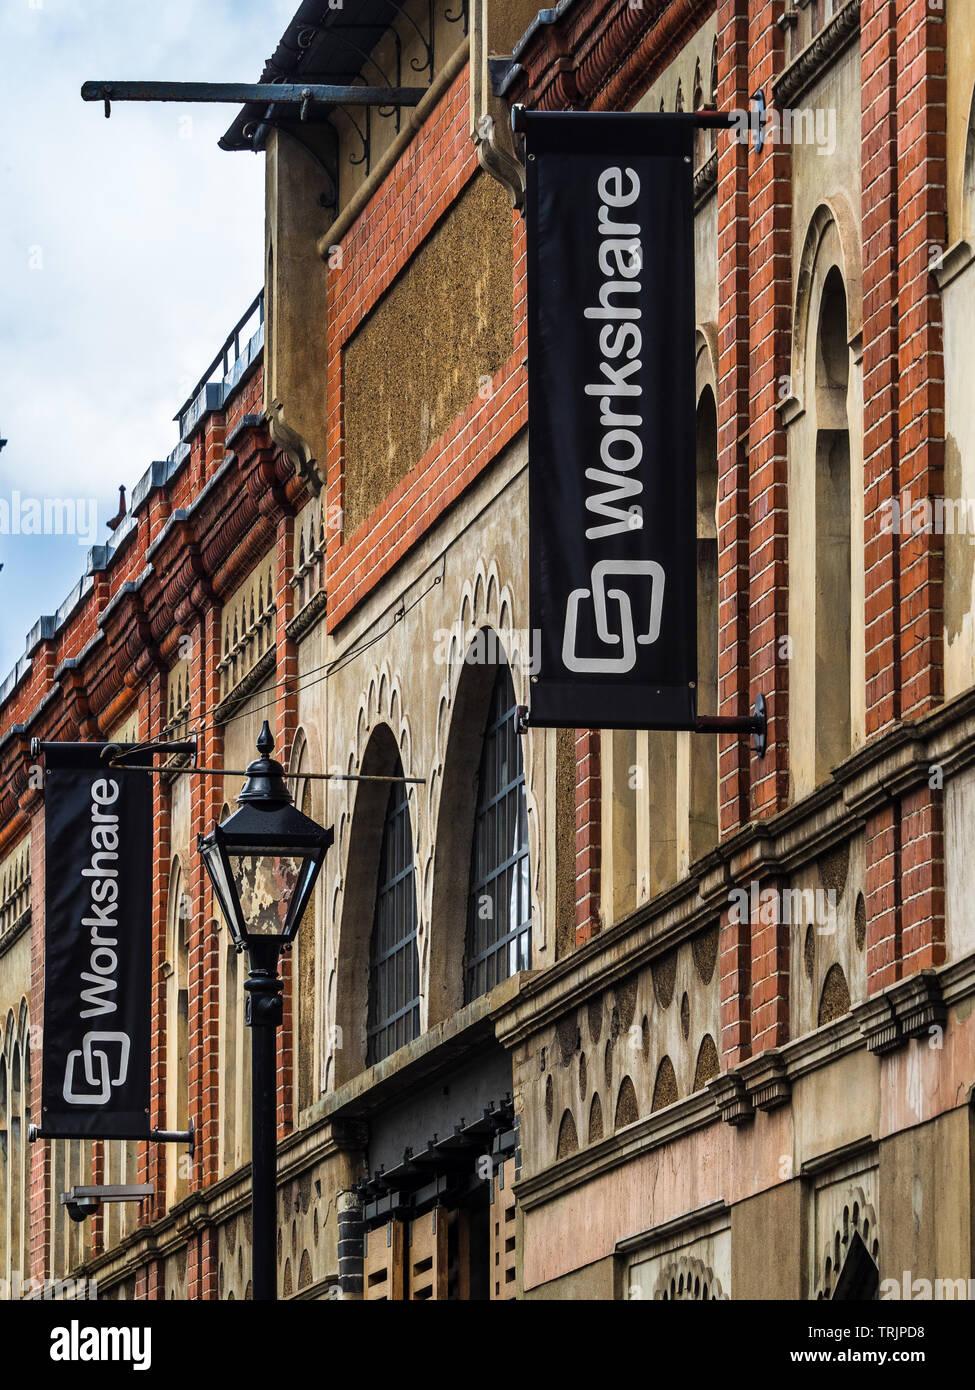 Logiciel de partage la compagnie Siège social à la mode Street dans l'East End londonien Photo Stock